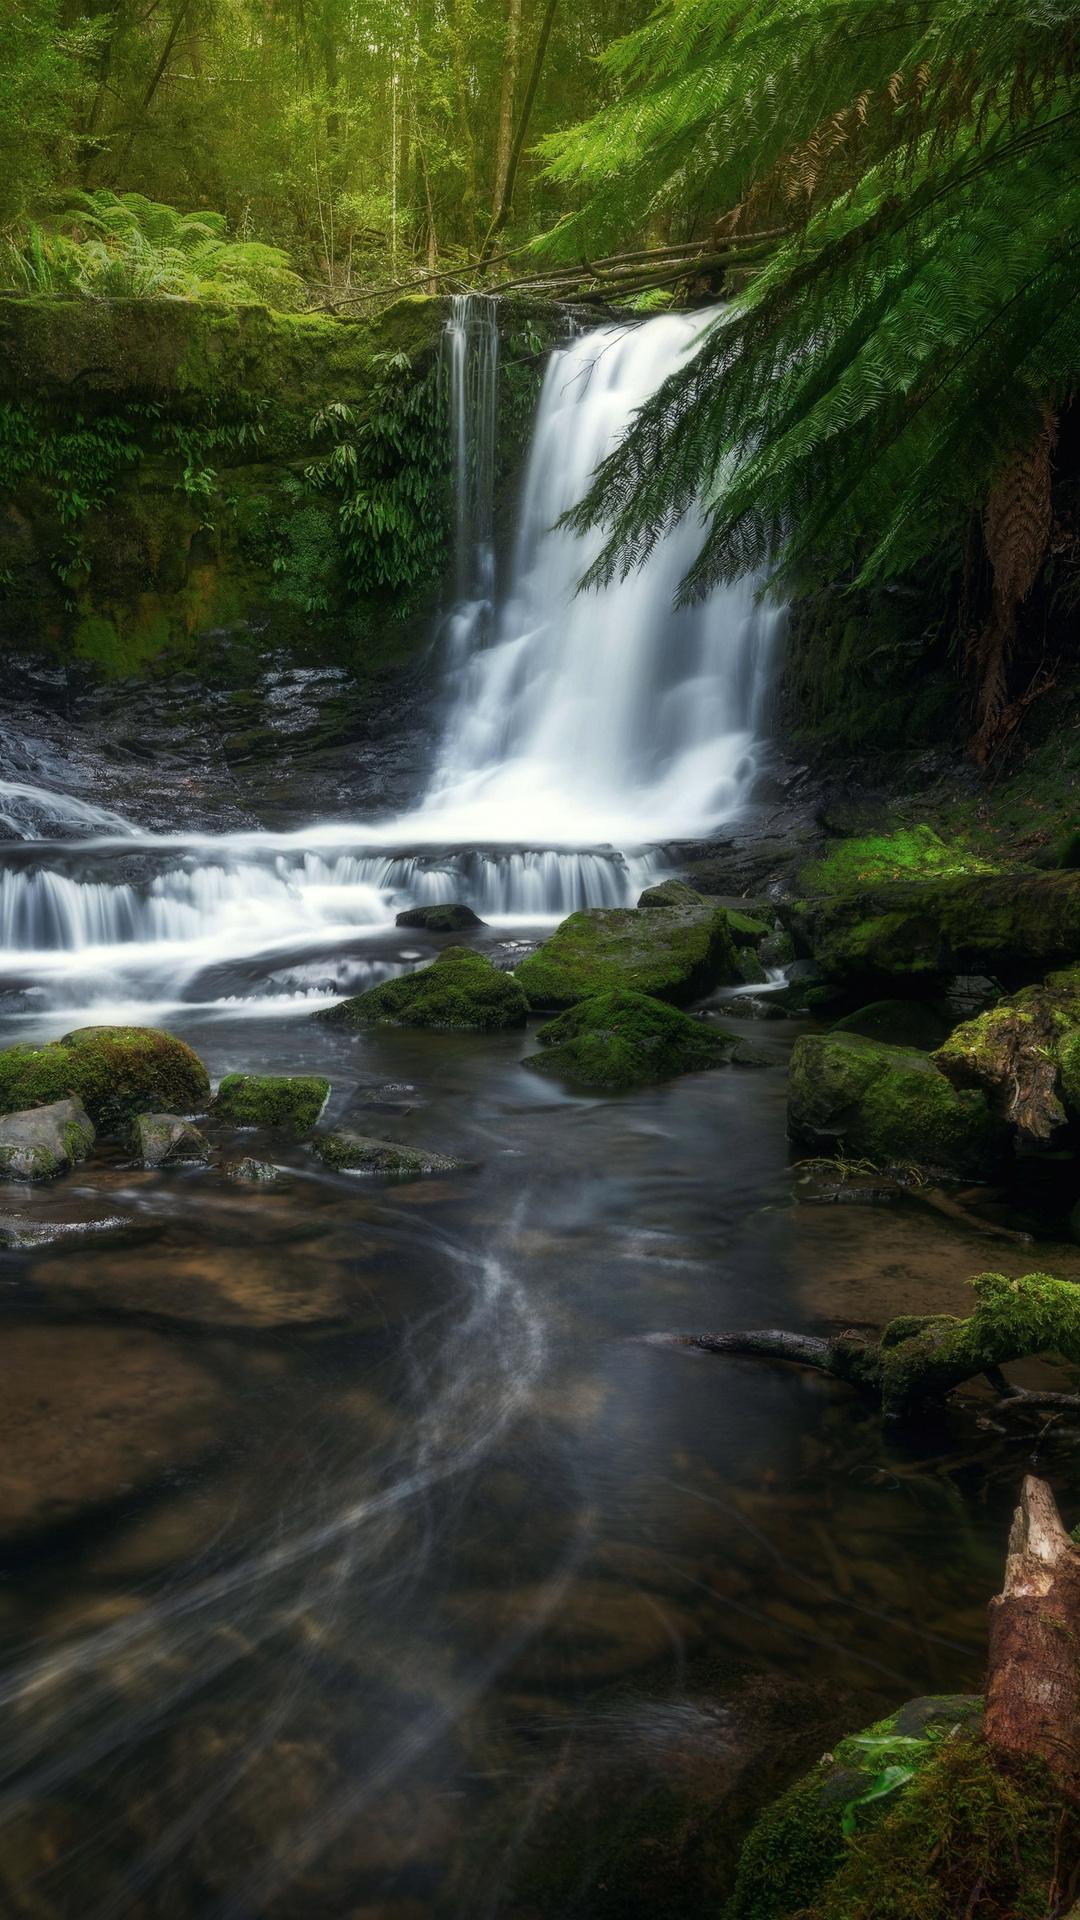 waterfalls-stones-5k-u7.jpg